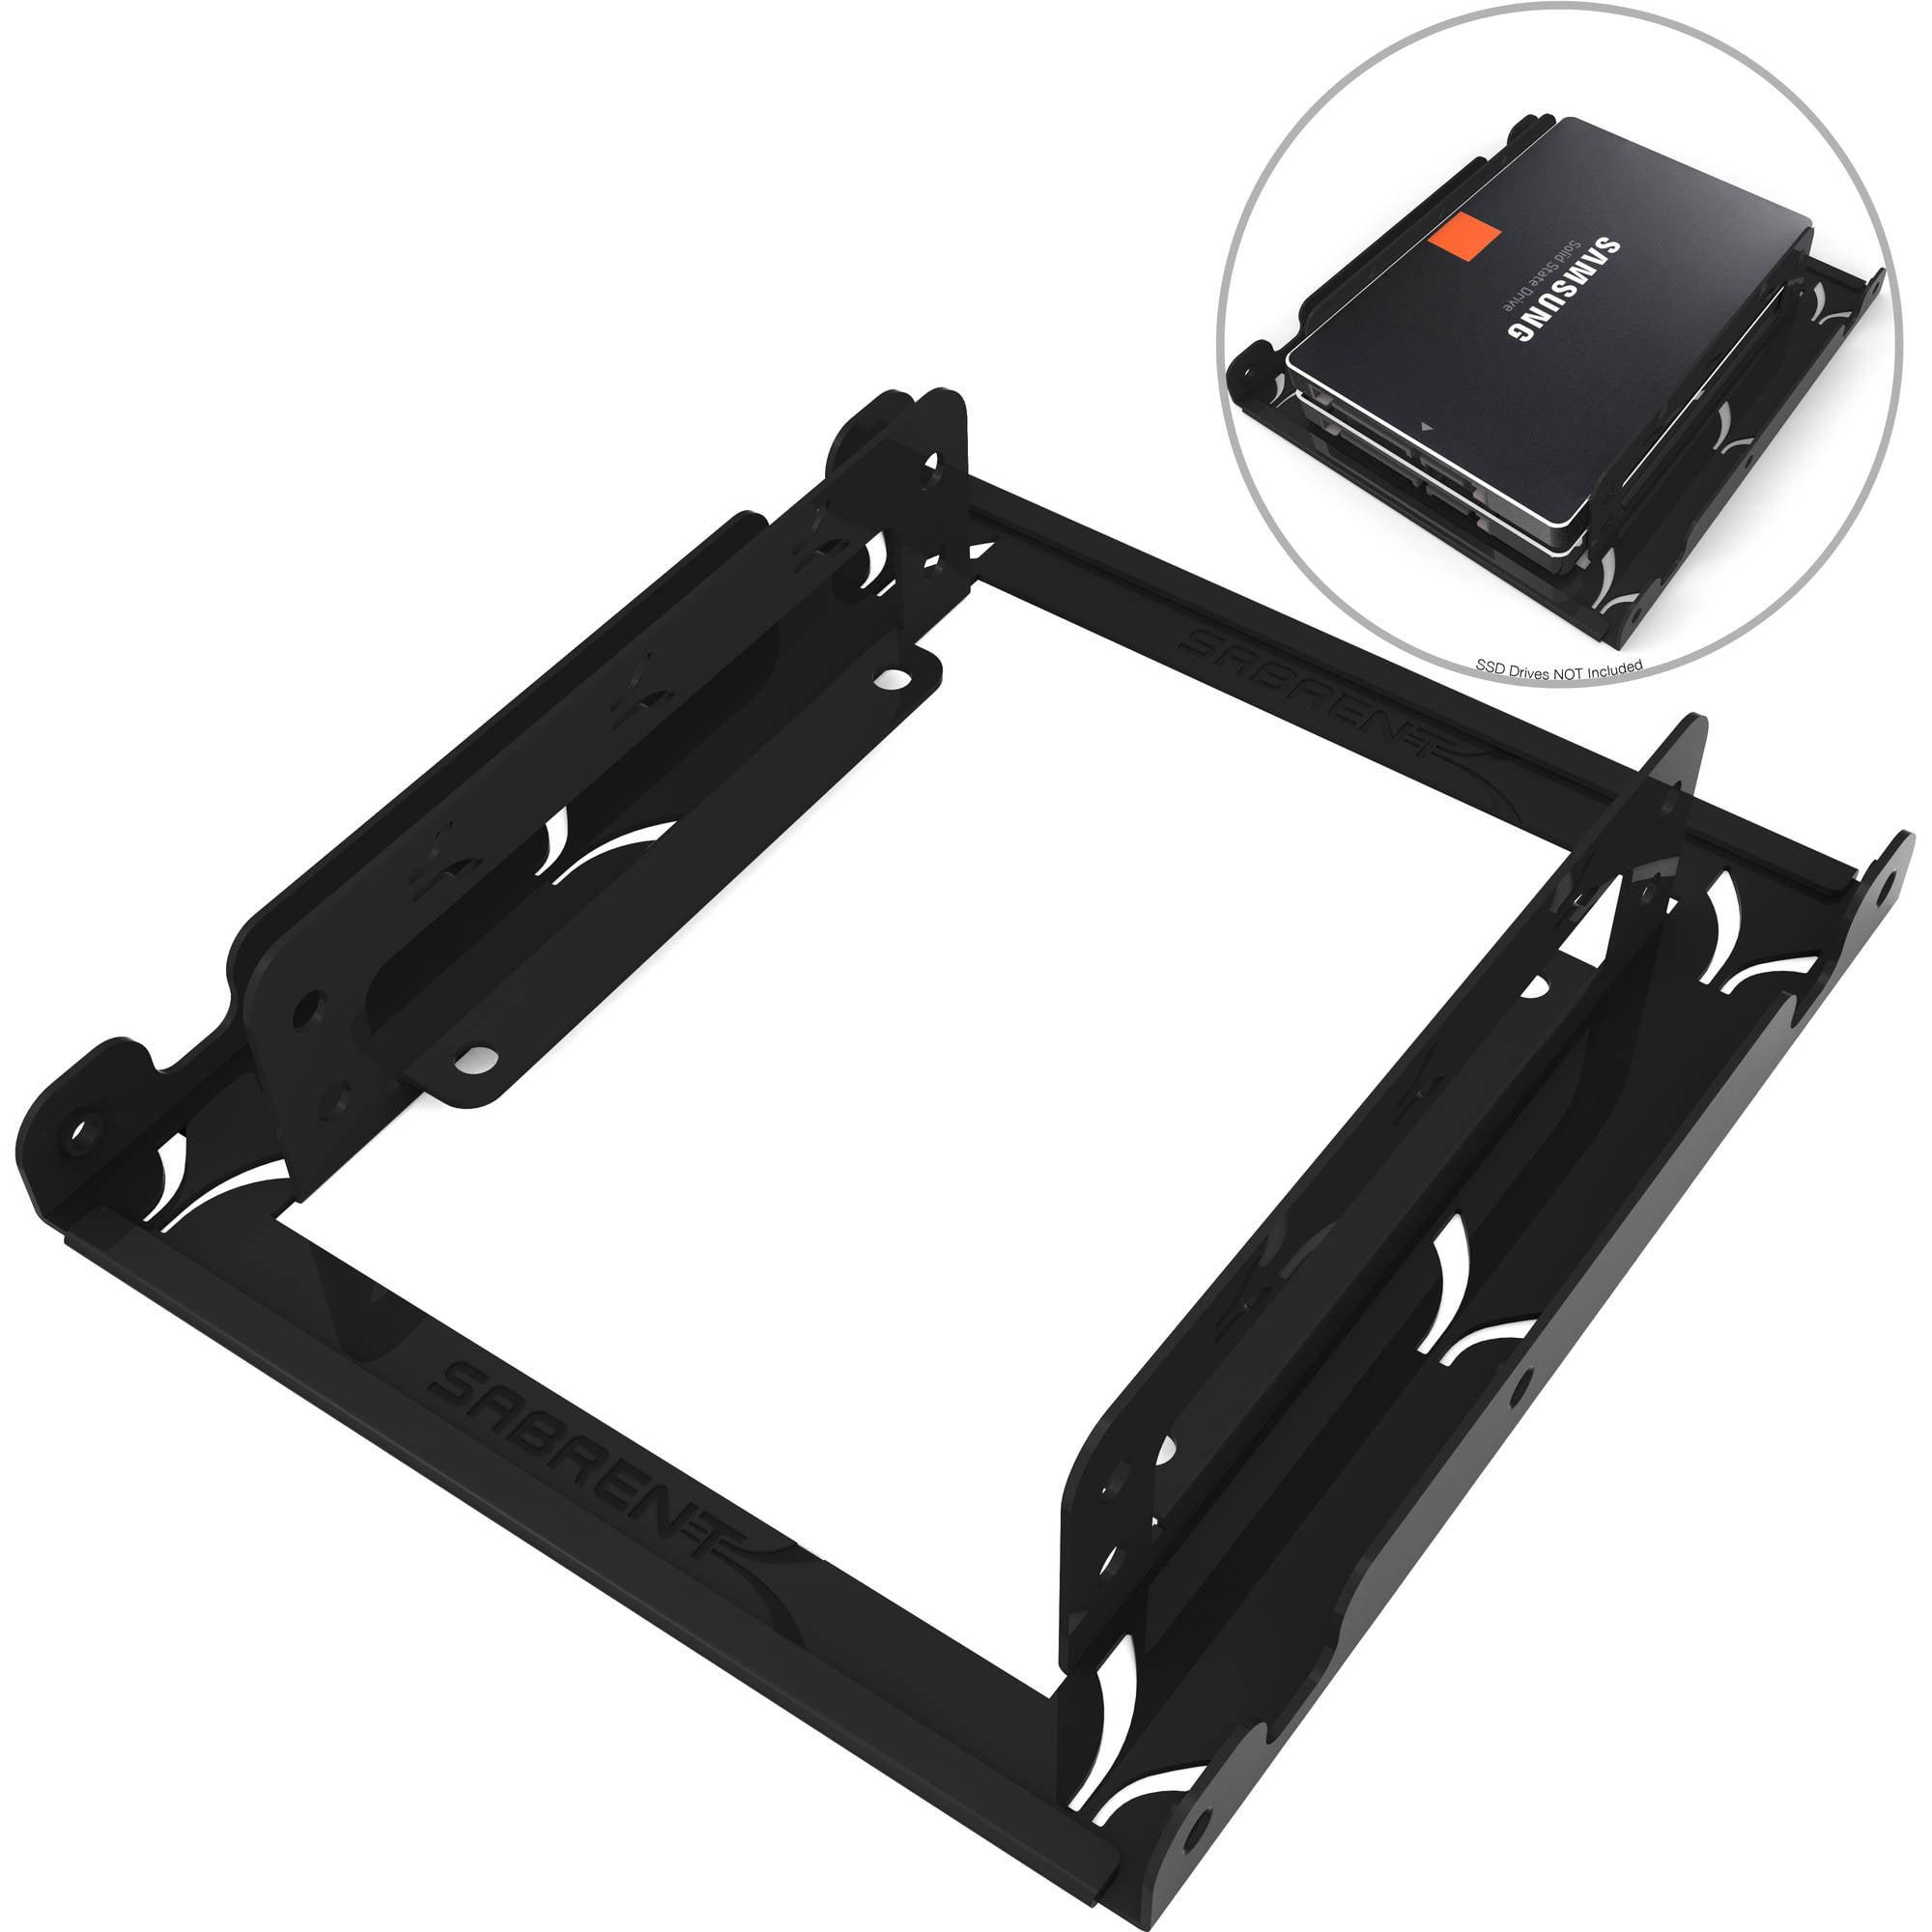 """Sabrent 2.5"""" to 3.5"""" Internal Hard Disk Drive Mounting Bracket Kit, BK-HDDH"""